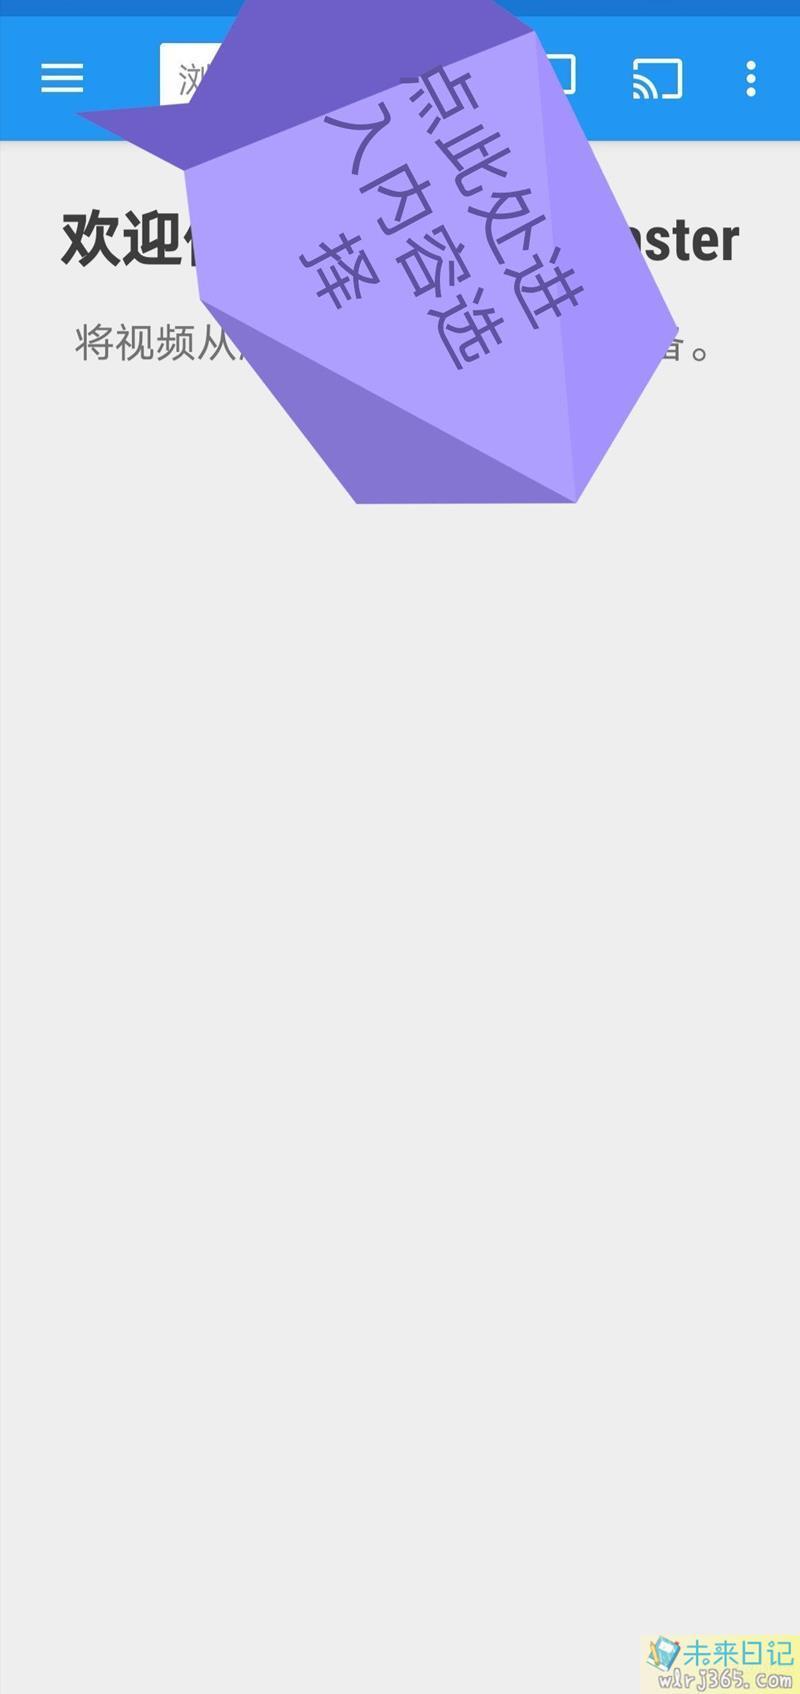 安卓快点投屏v1.5.0.3绿化版,支持投屏各视频网站和百度网盘图片 No.5